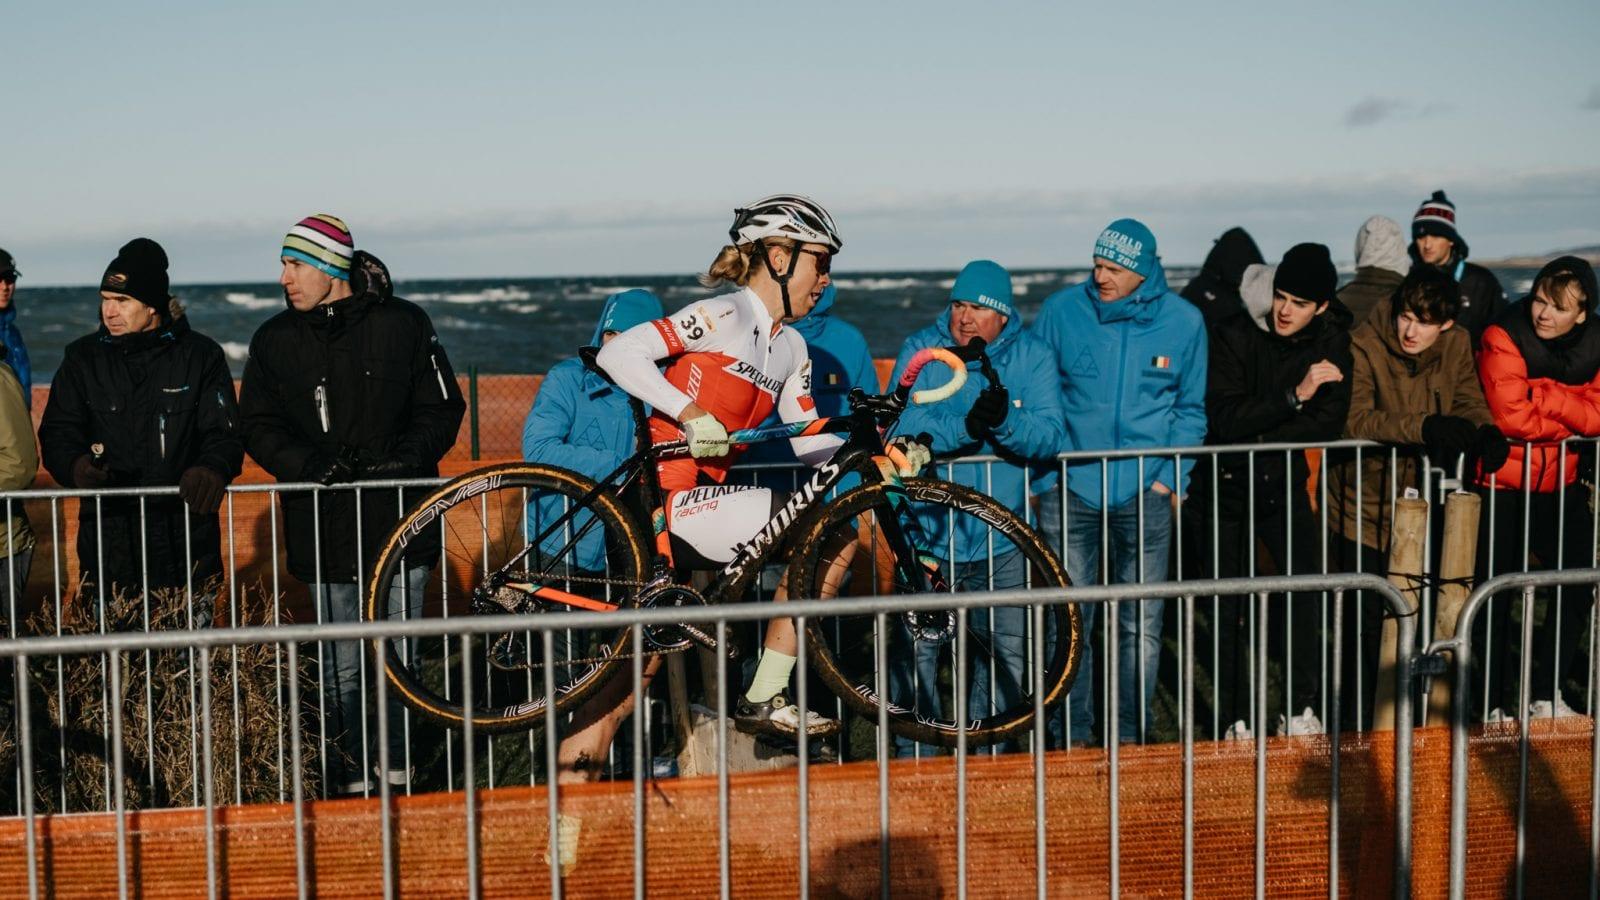 Annika Langvad 2017 AltomCykling.dk ©Foto Bechbox.dk / Mikkel Bech